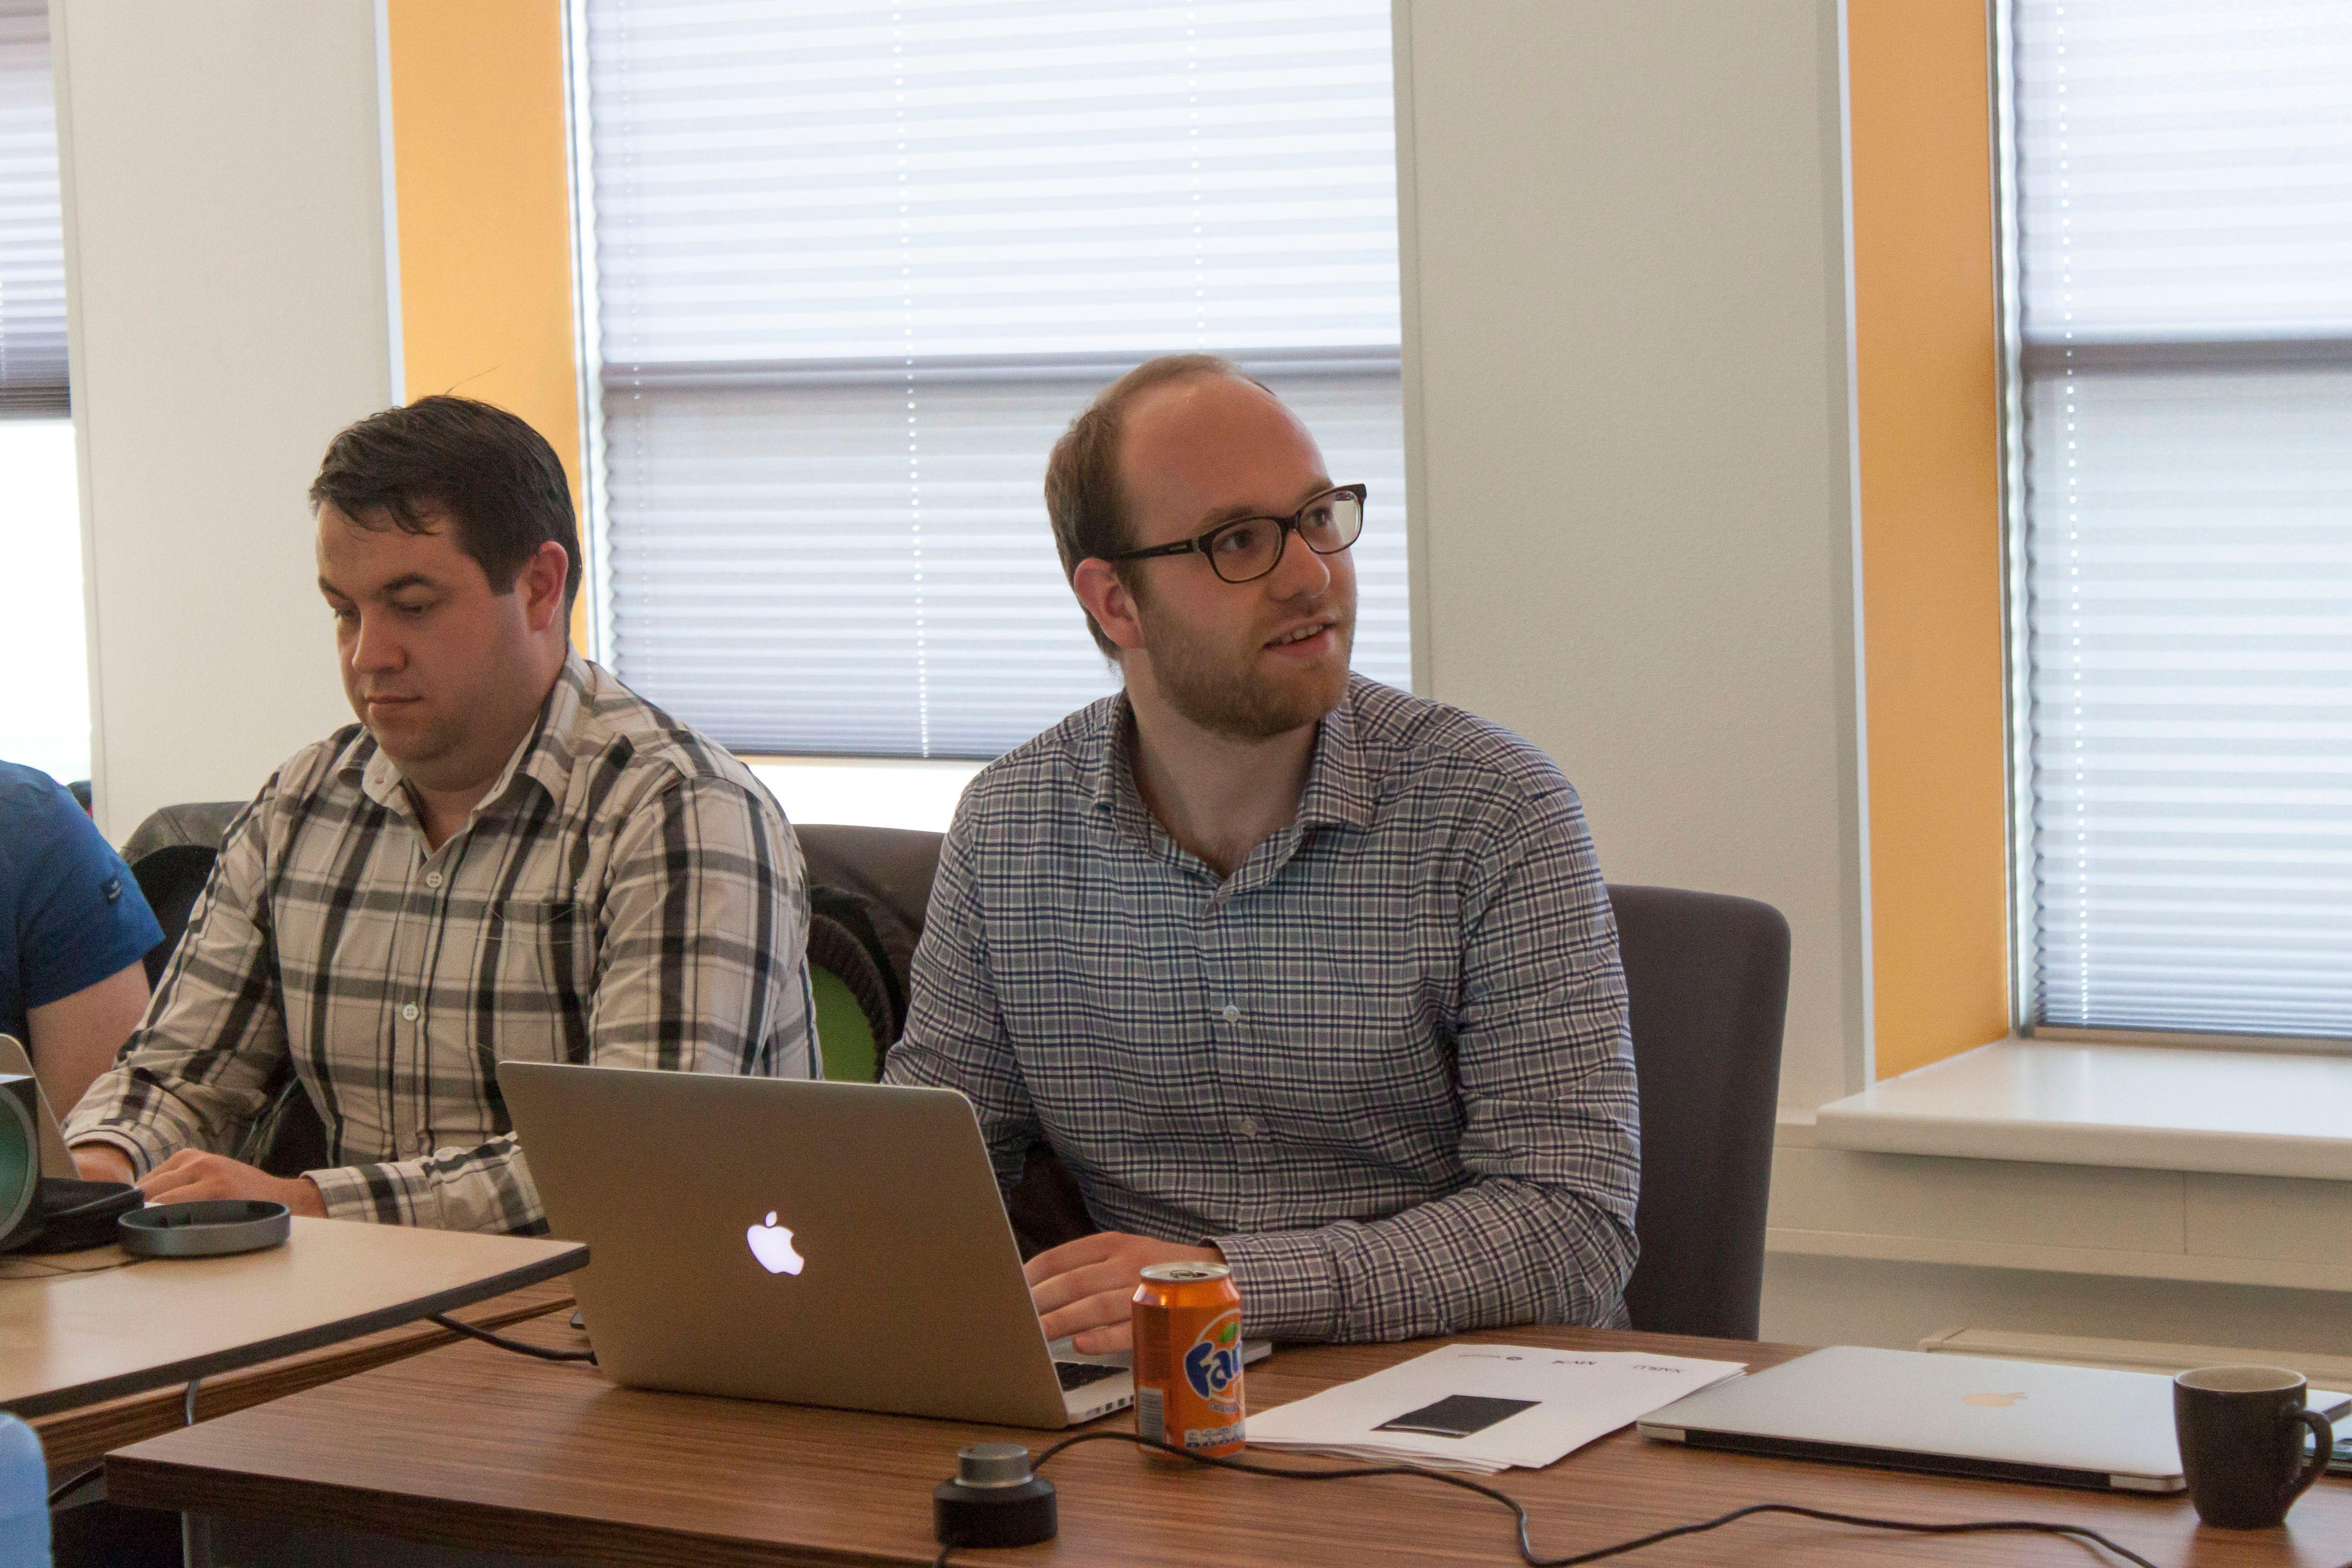 Xamarin, MvvmCross and .NET Meetup